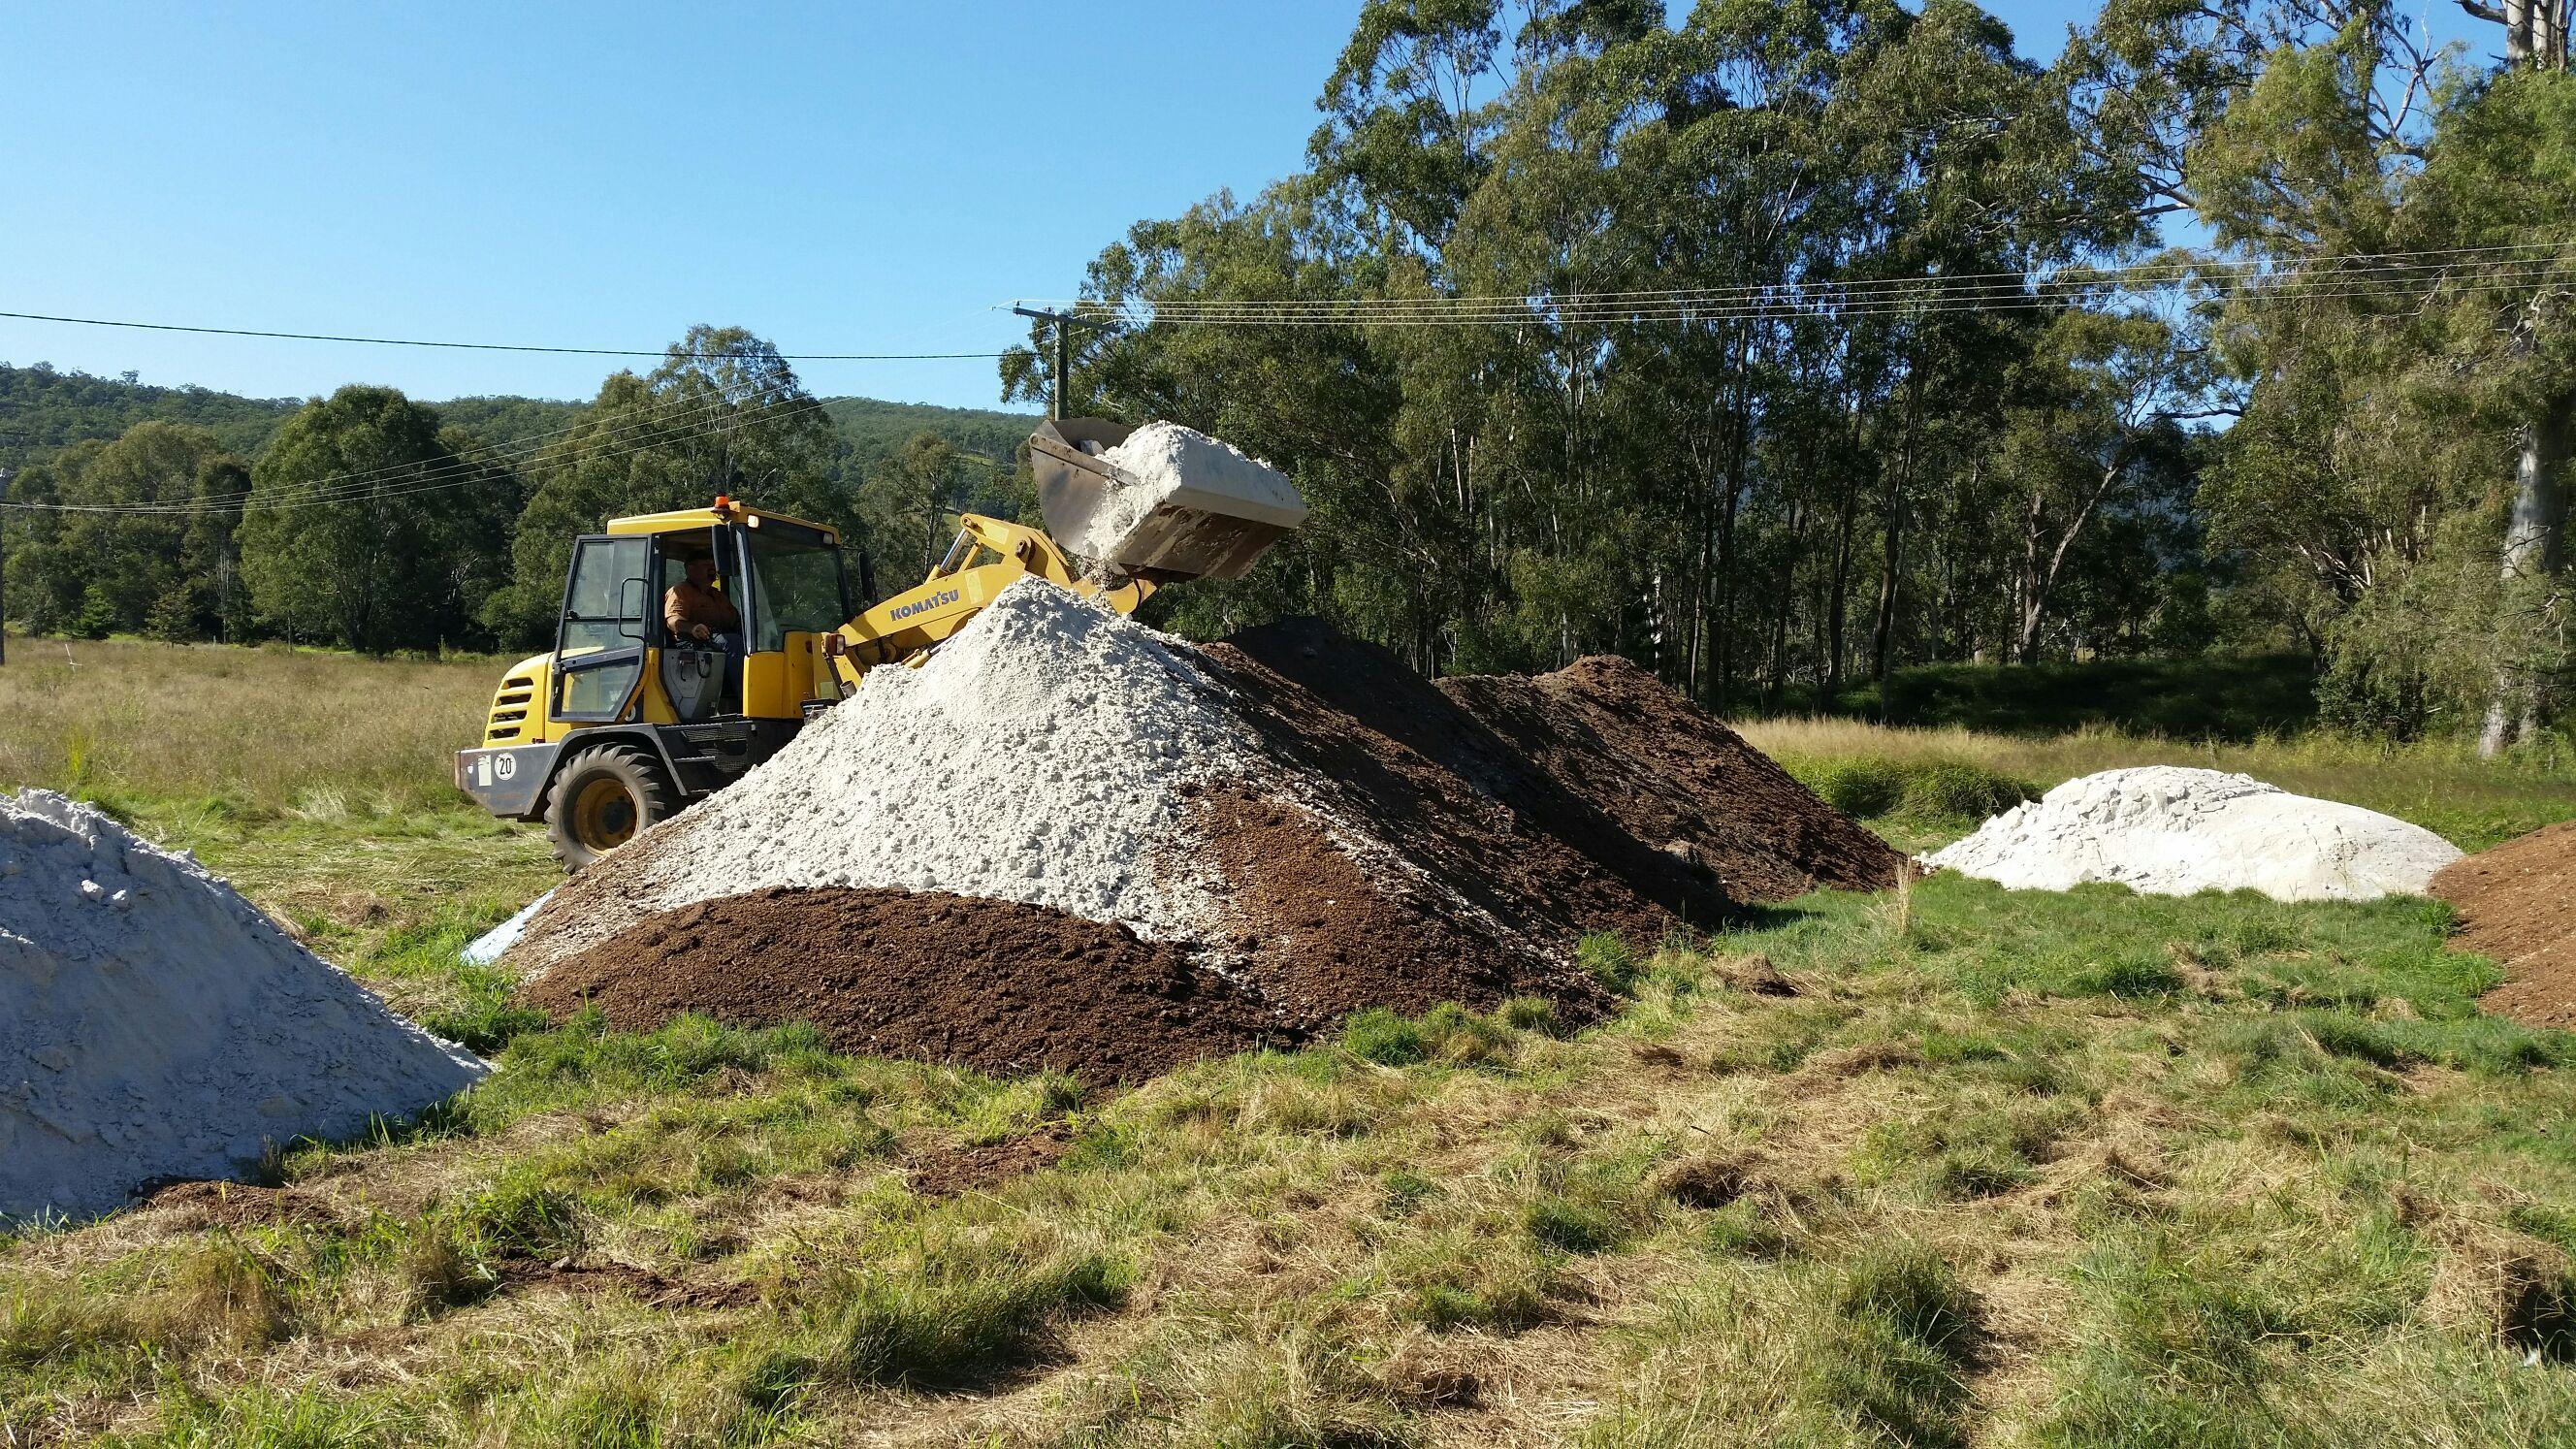 Blending-a-custom-soil-treatment-for-lucern